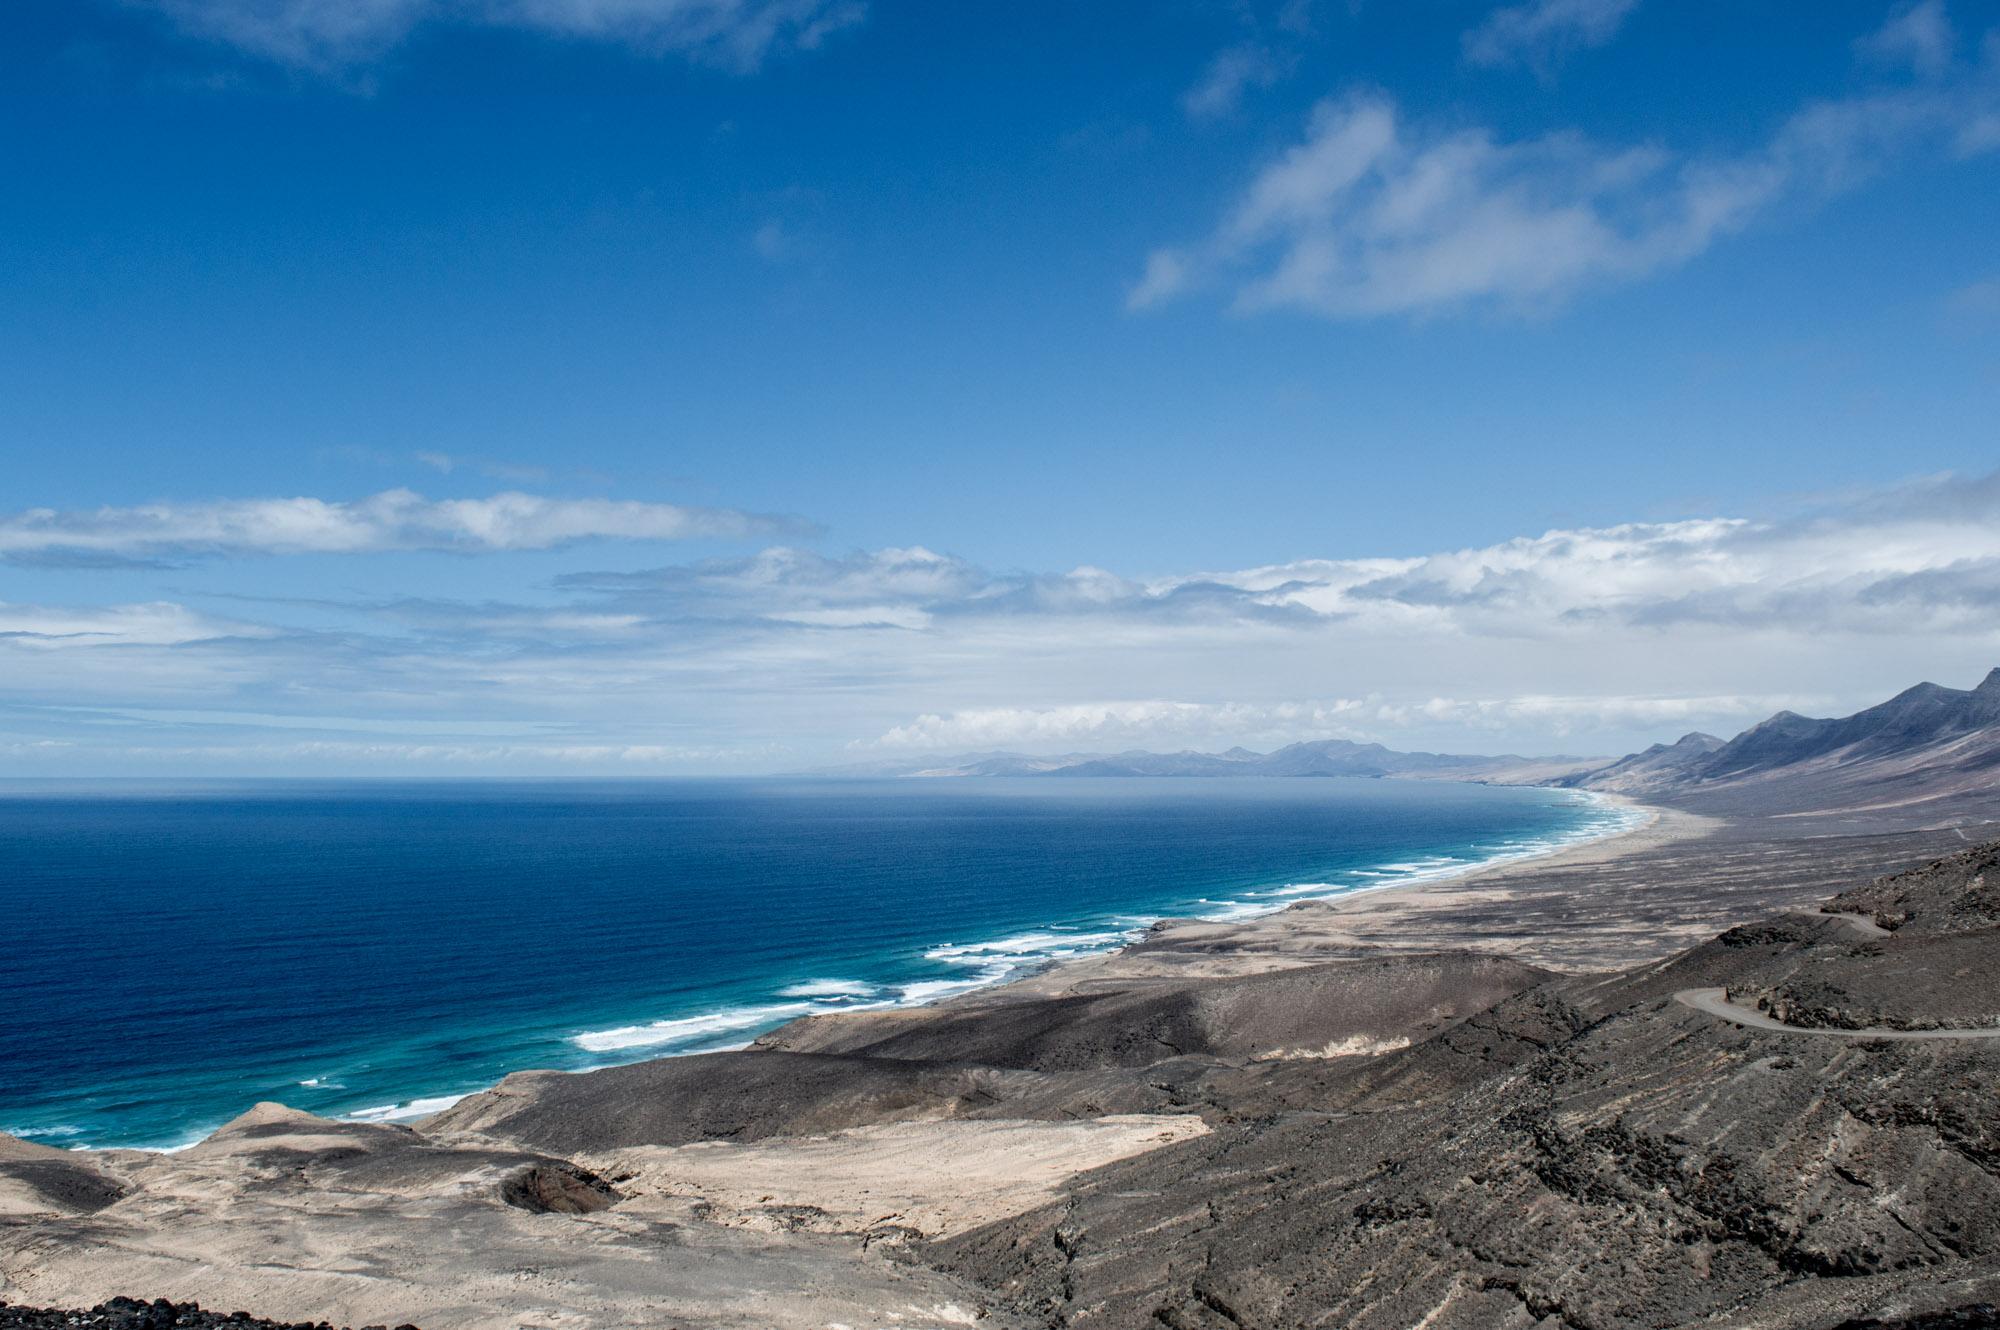 vue panoramique sur la plage de cofete